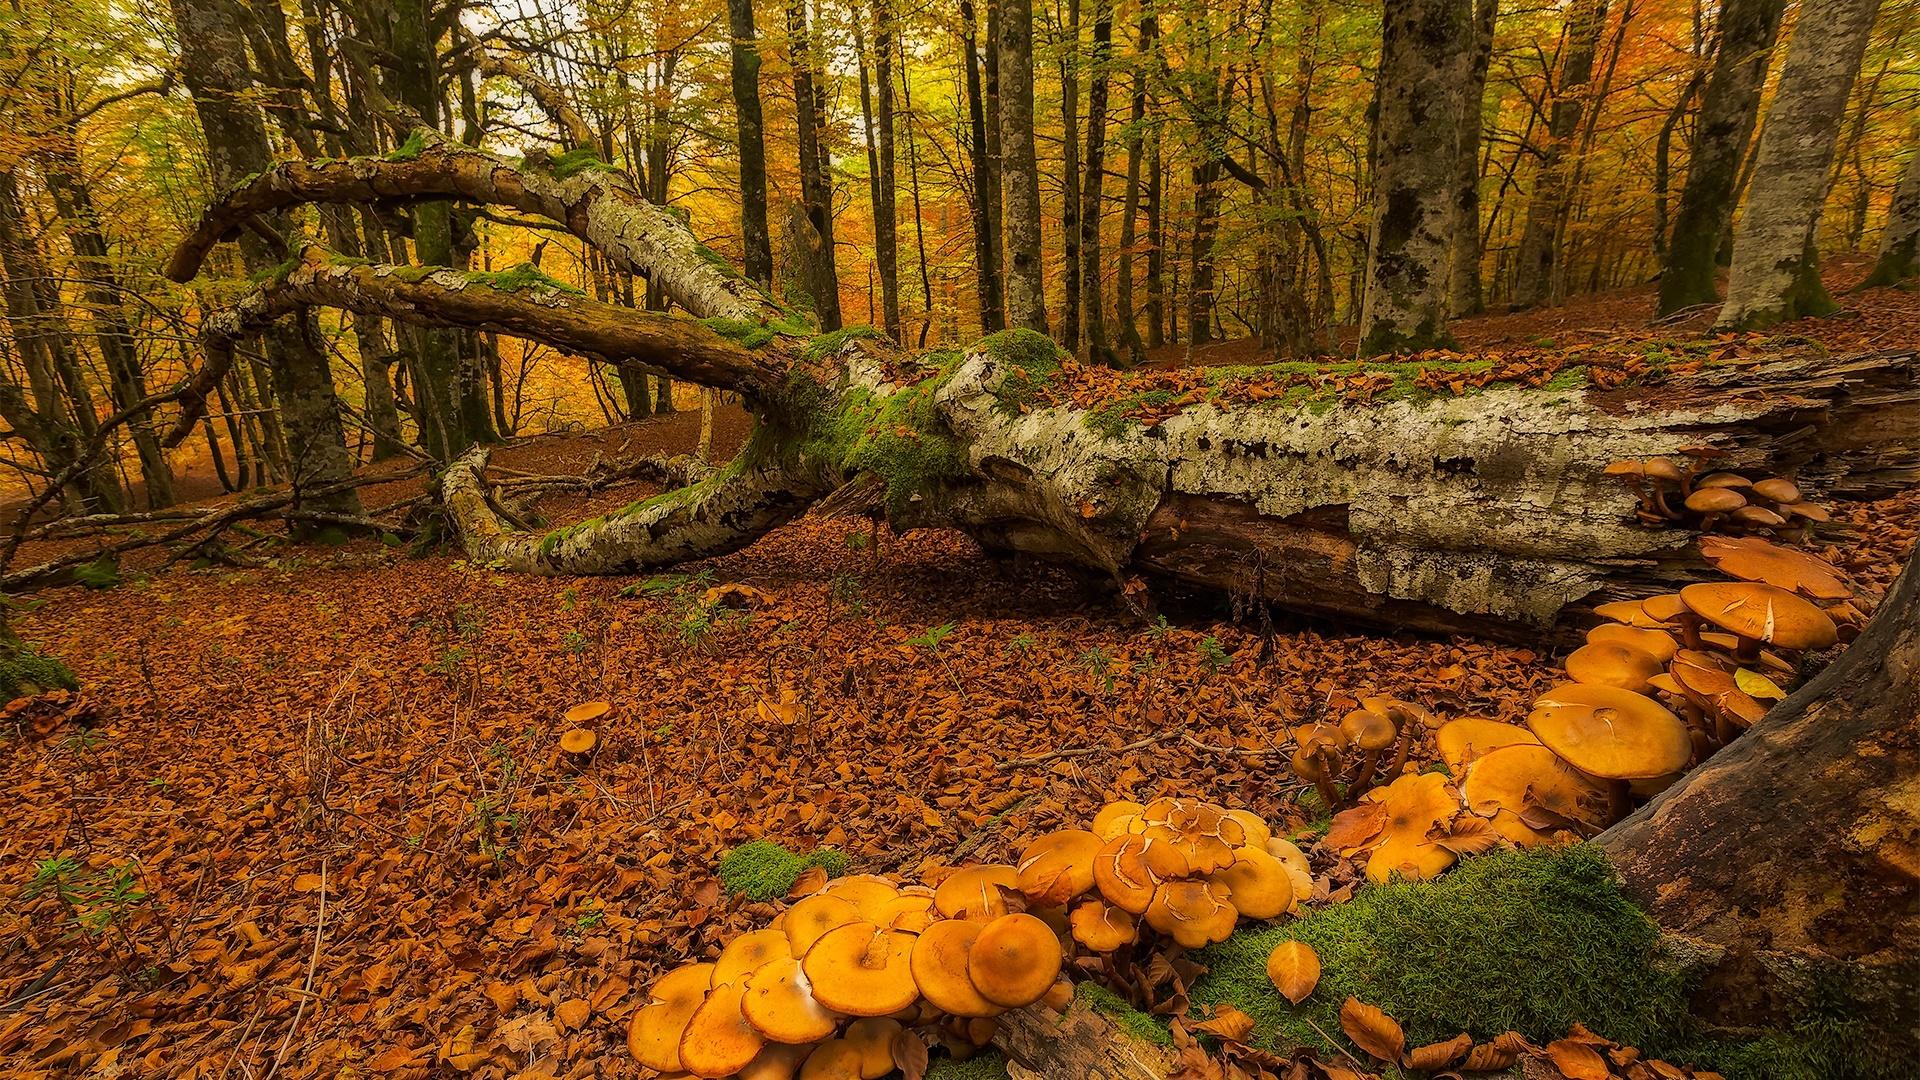 Pa s vasco espa a bosque rboles setas oto o fondos - Arboles pais vasco ...